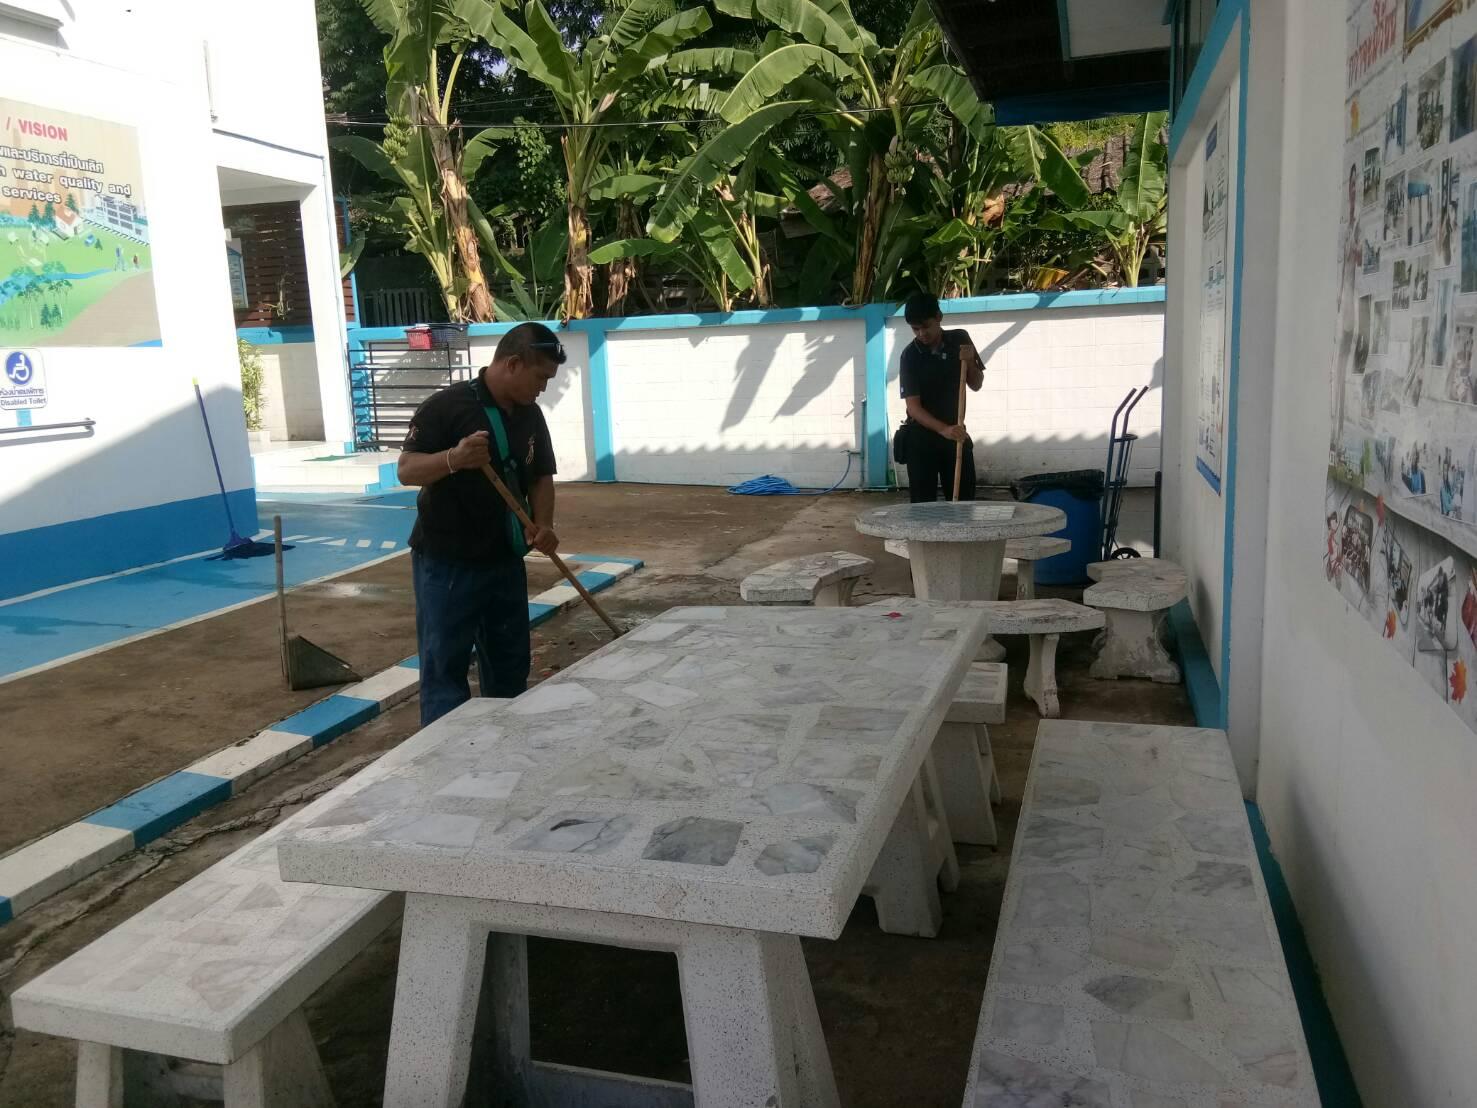 Big Cleaning Day การประปาส่วนภูมิภาค สาขาอรัญประเทศ